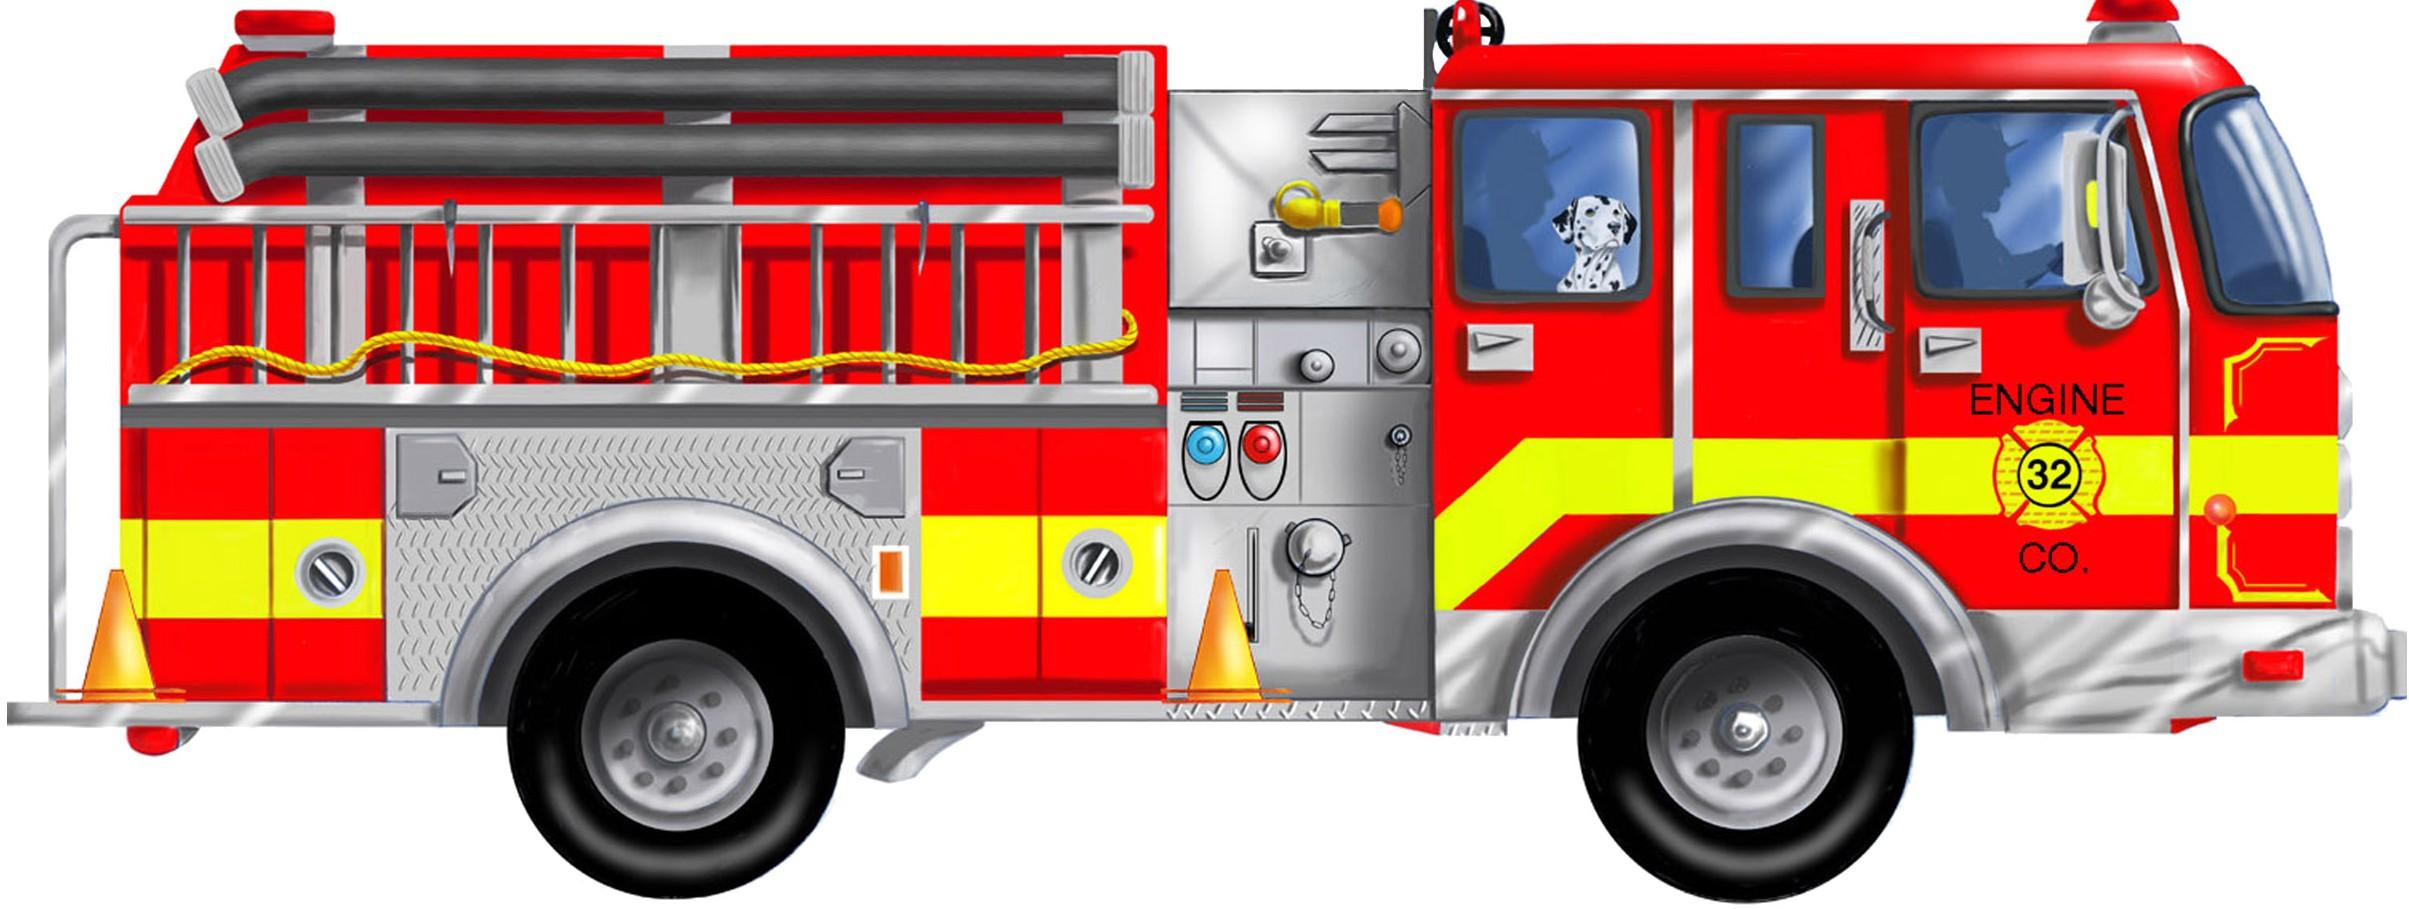 Fire Truck Firetruck Clipart Image Firet-Fire truck firetruck clipart image firetruck silhouette clipartcow-9